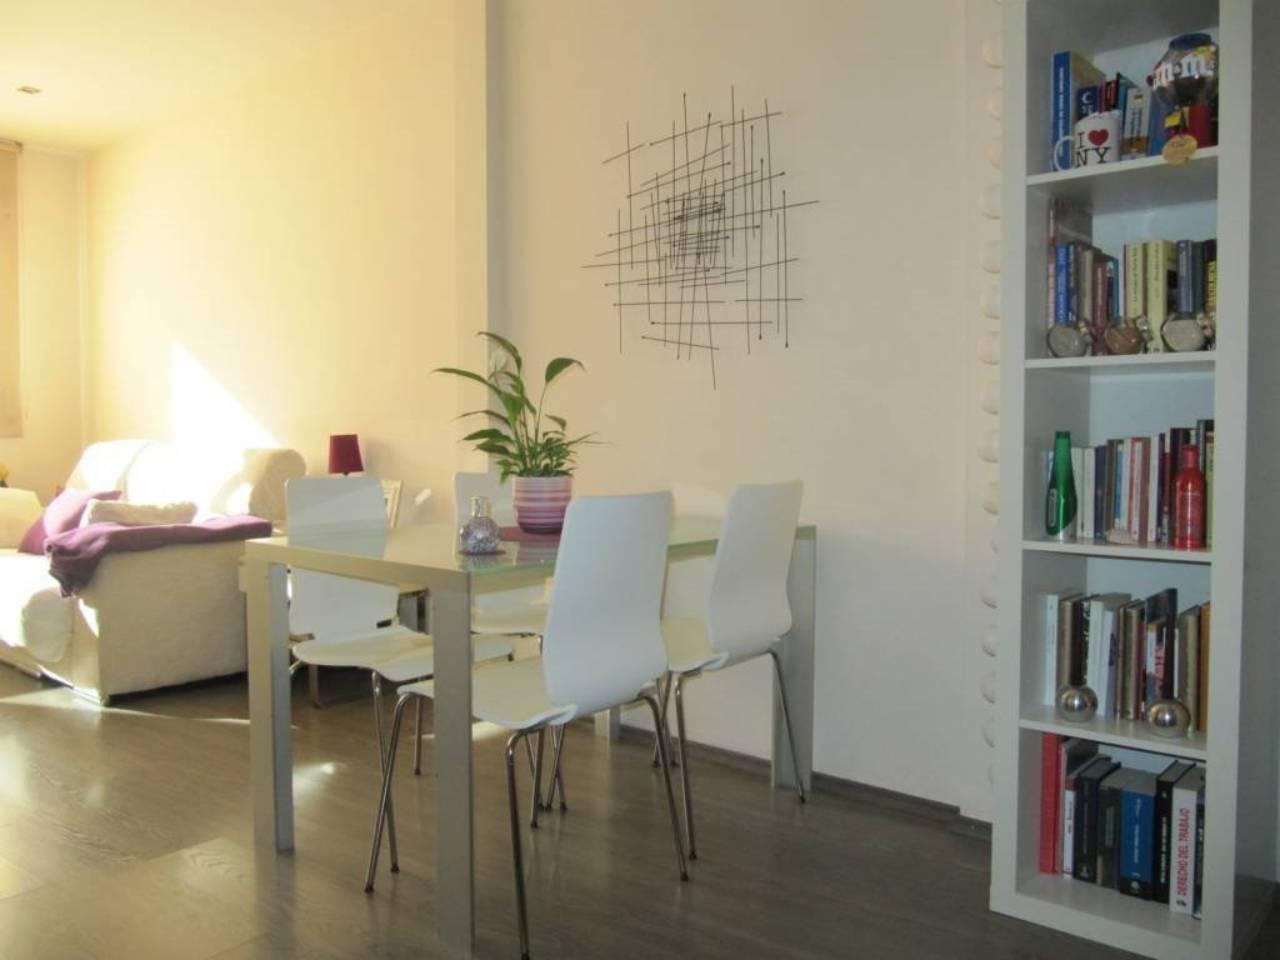 Pis  Vilanova del vallès. Superf. 45 m²,  1 habitación doble,  1 baño, cocina, calefacción